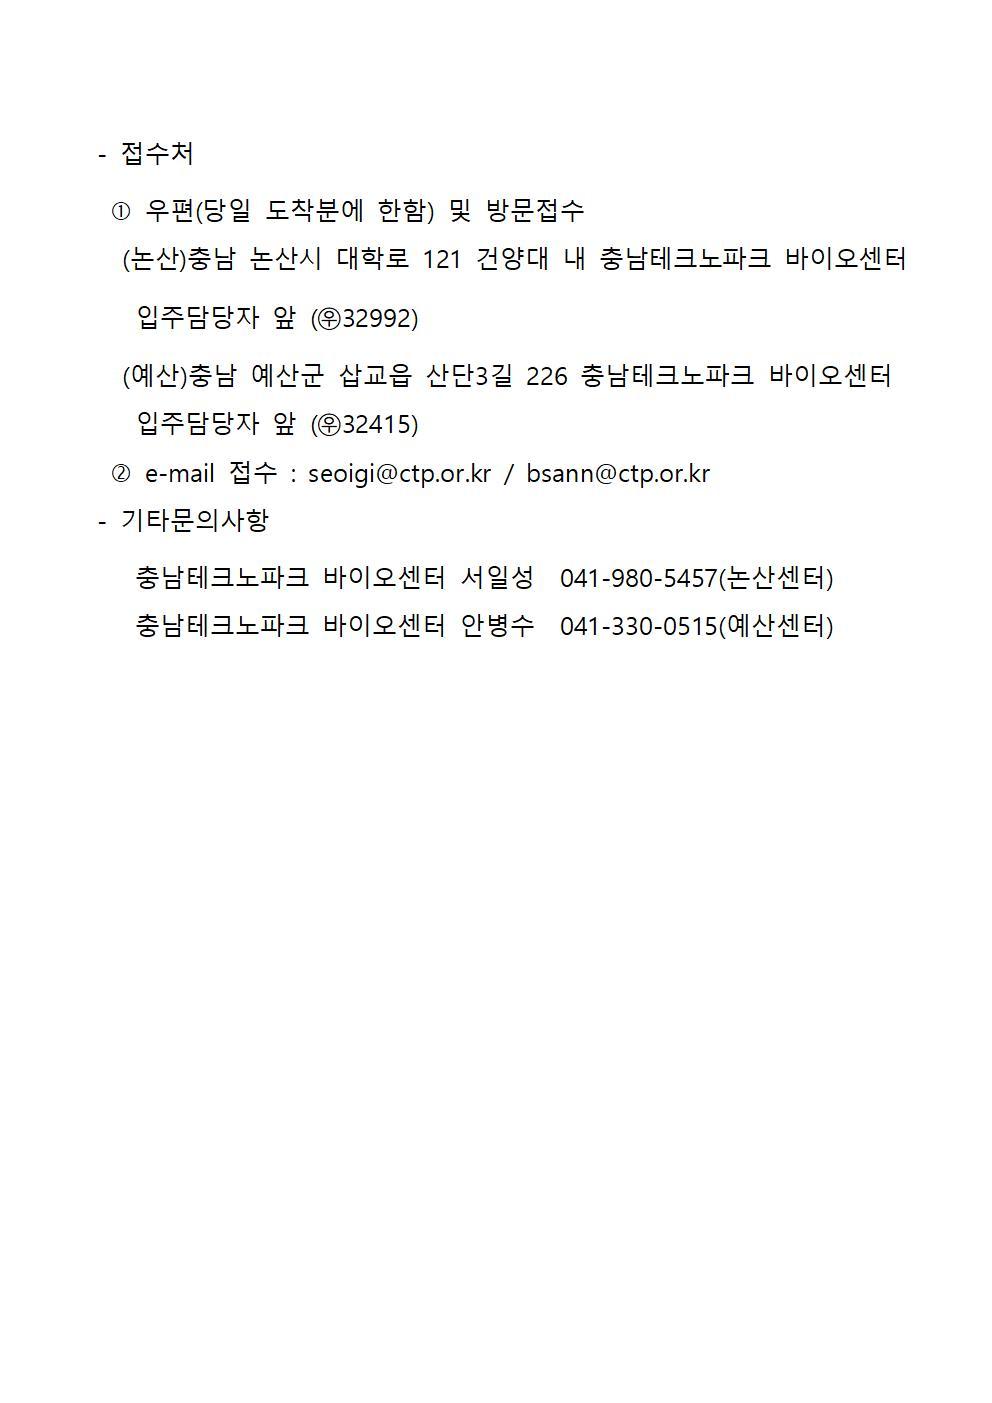 바이오센터 입주기업 모집공고_3_1.jpg